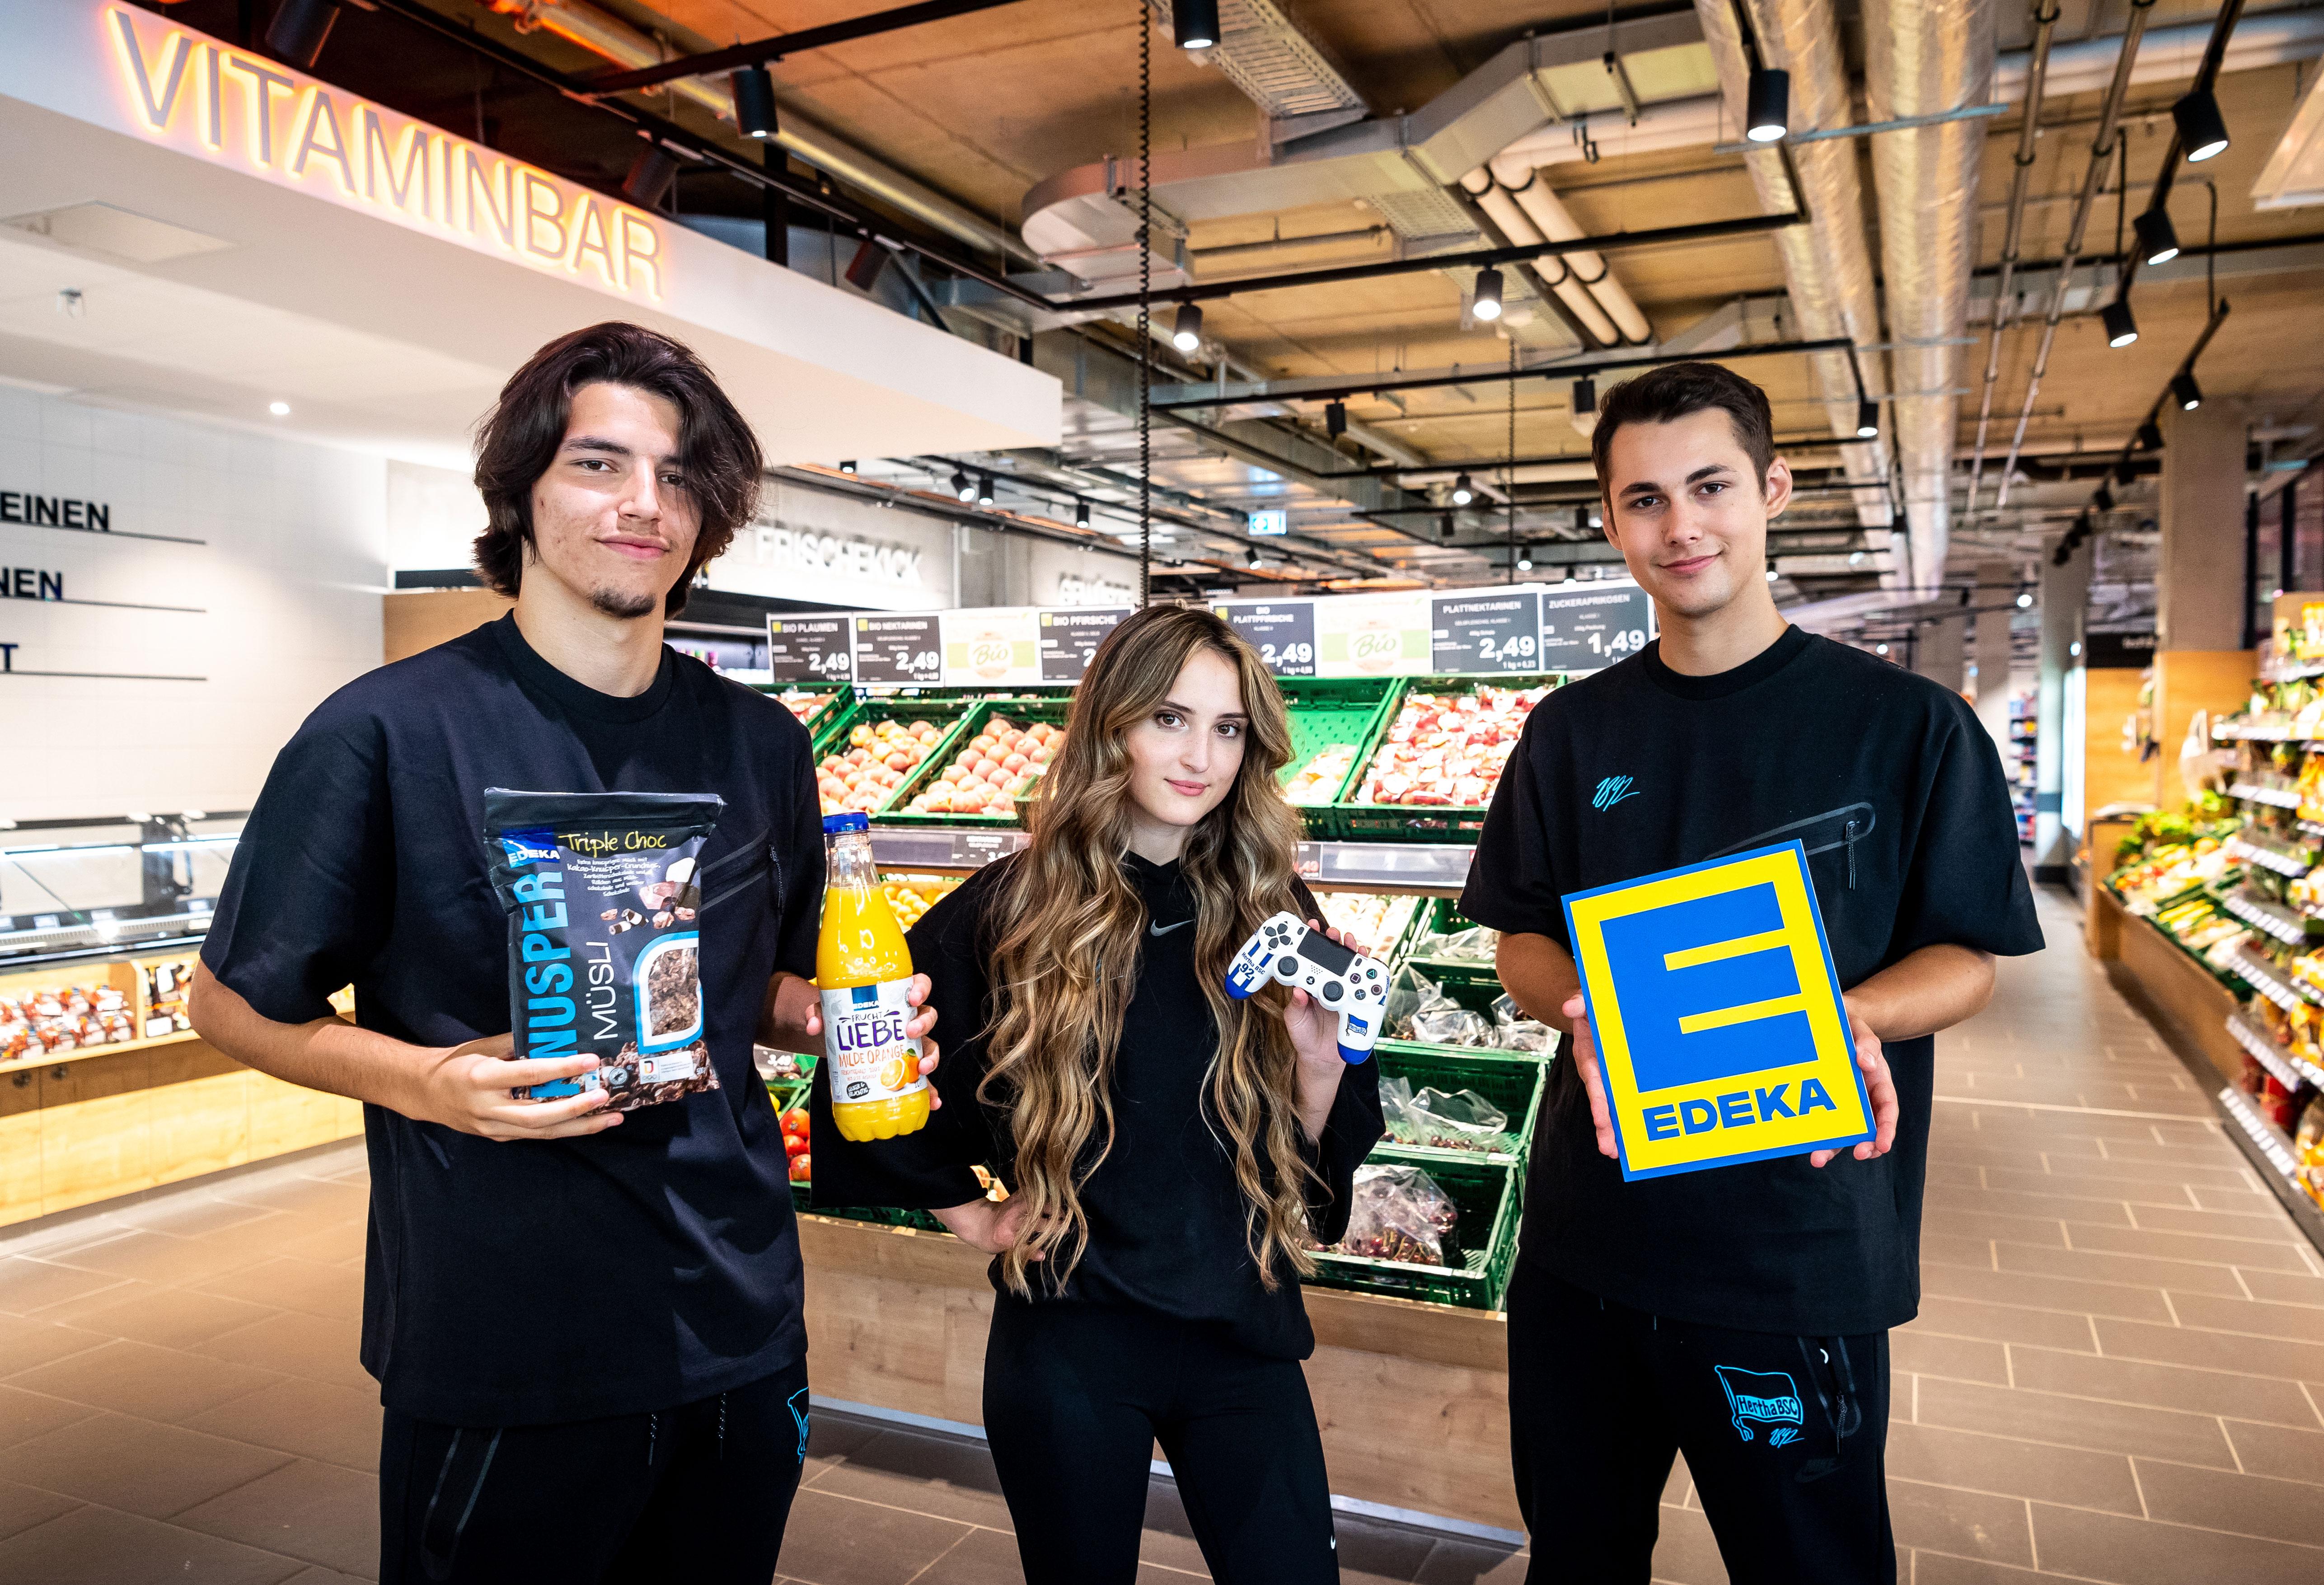 Unsere eSportler an der Vitaminbar